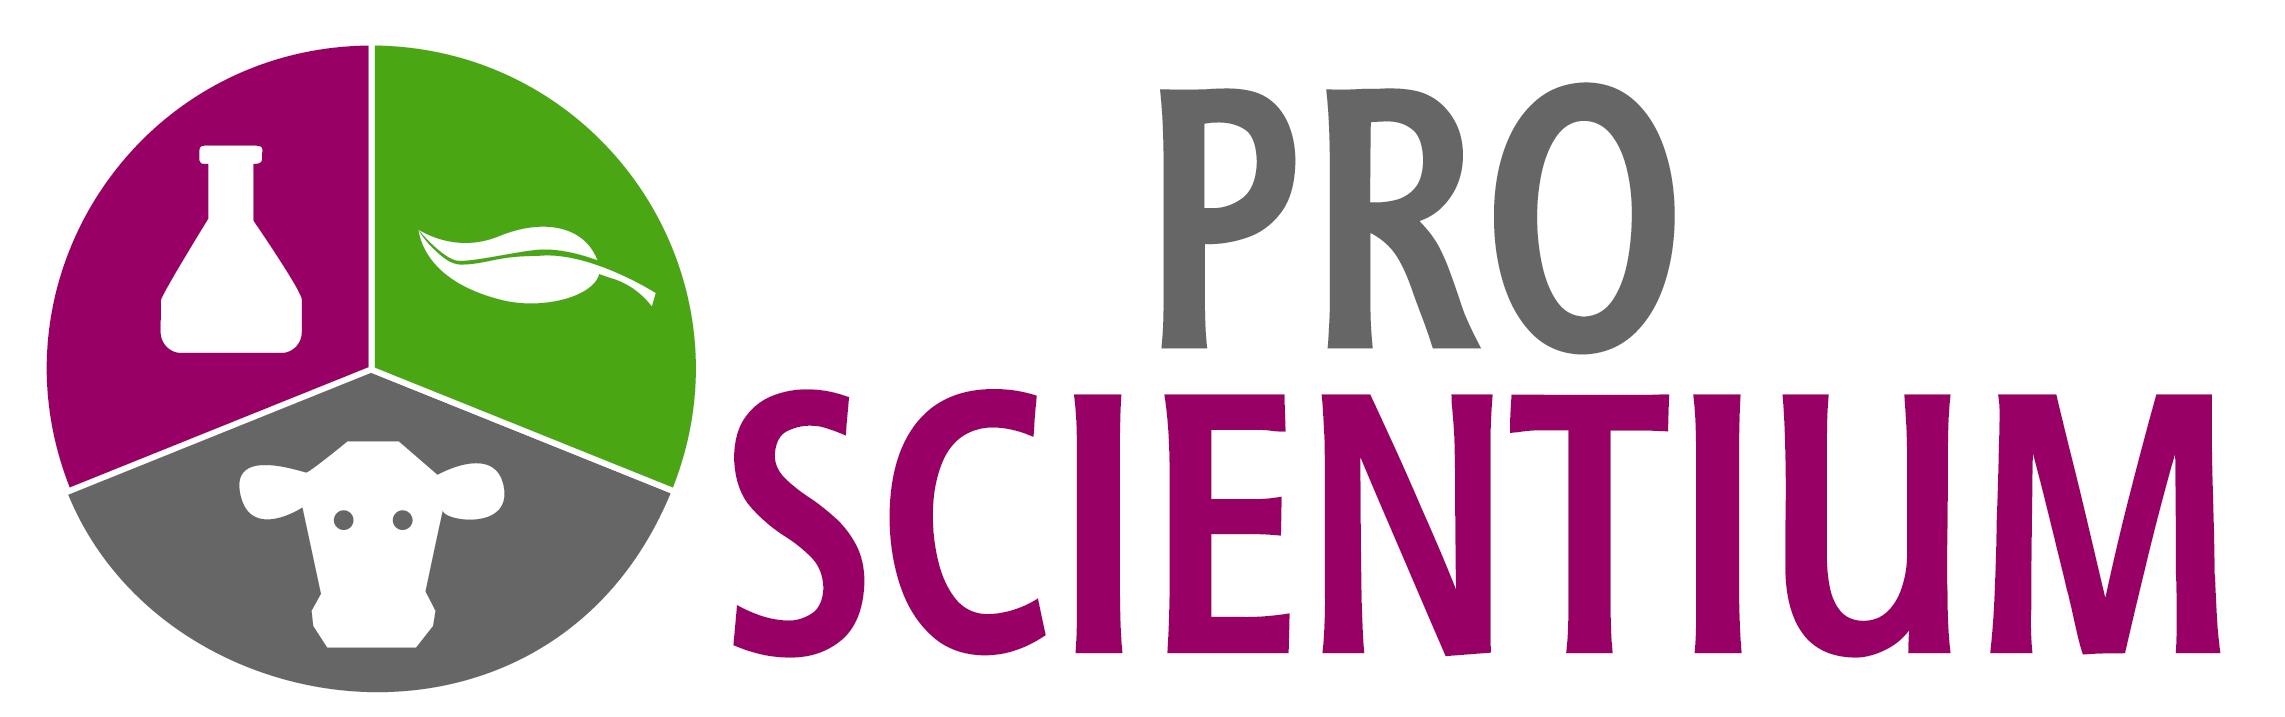 Pro Scientium